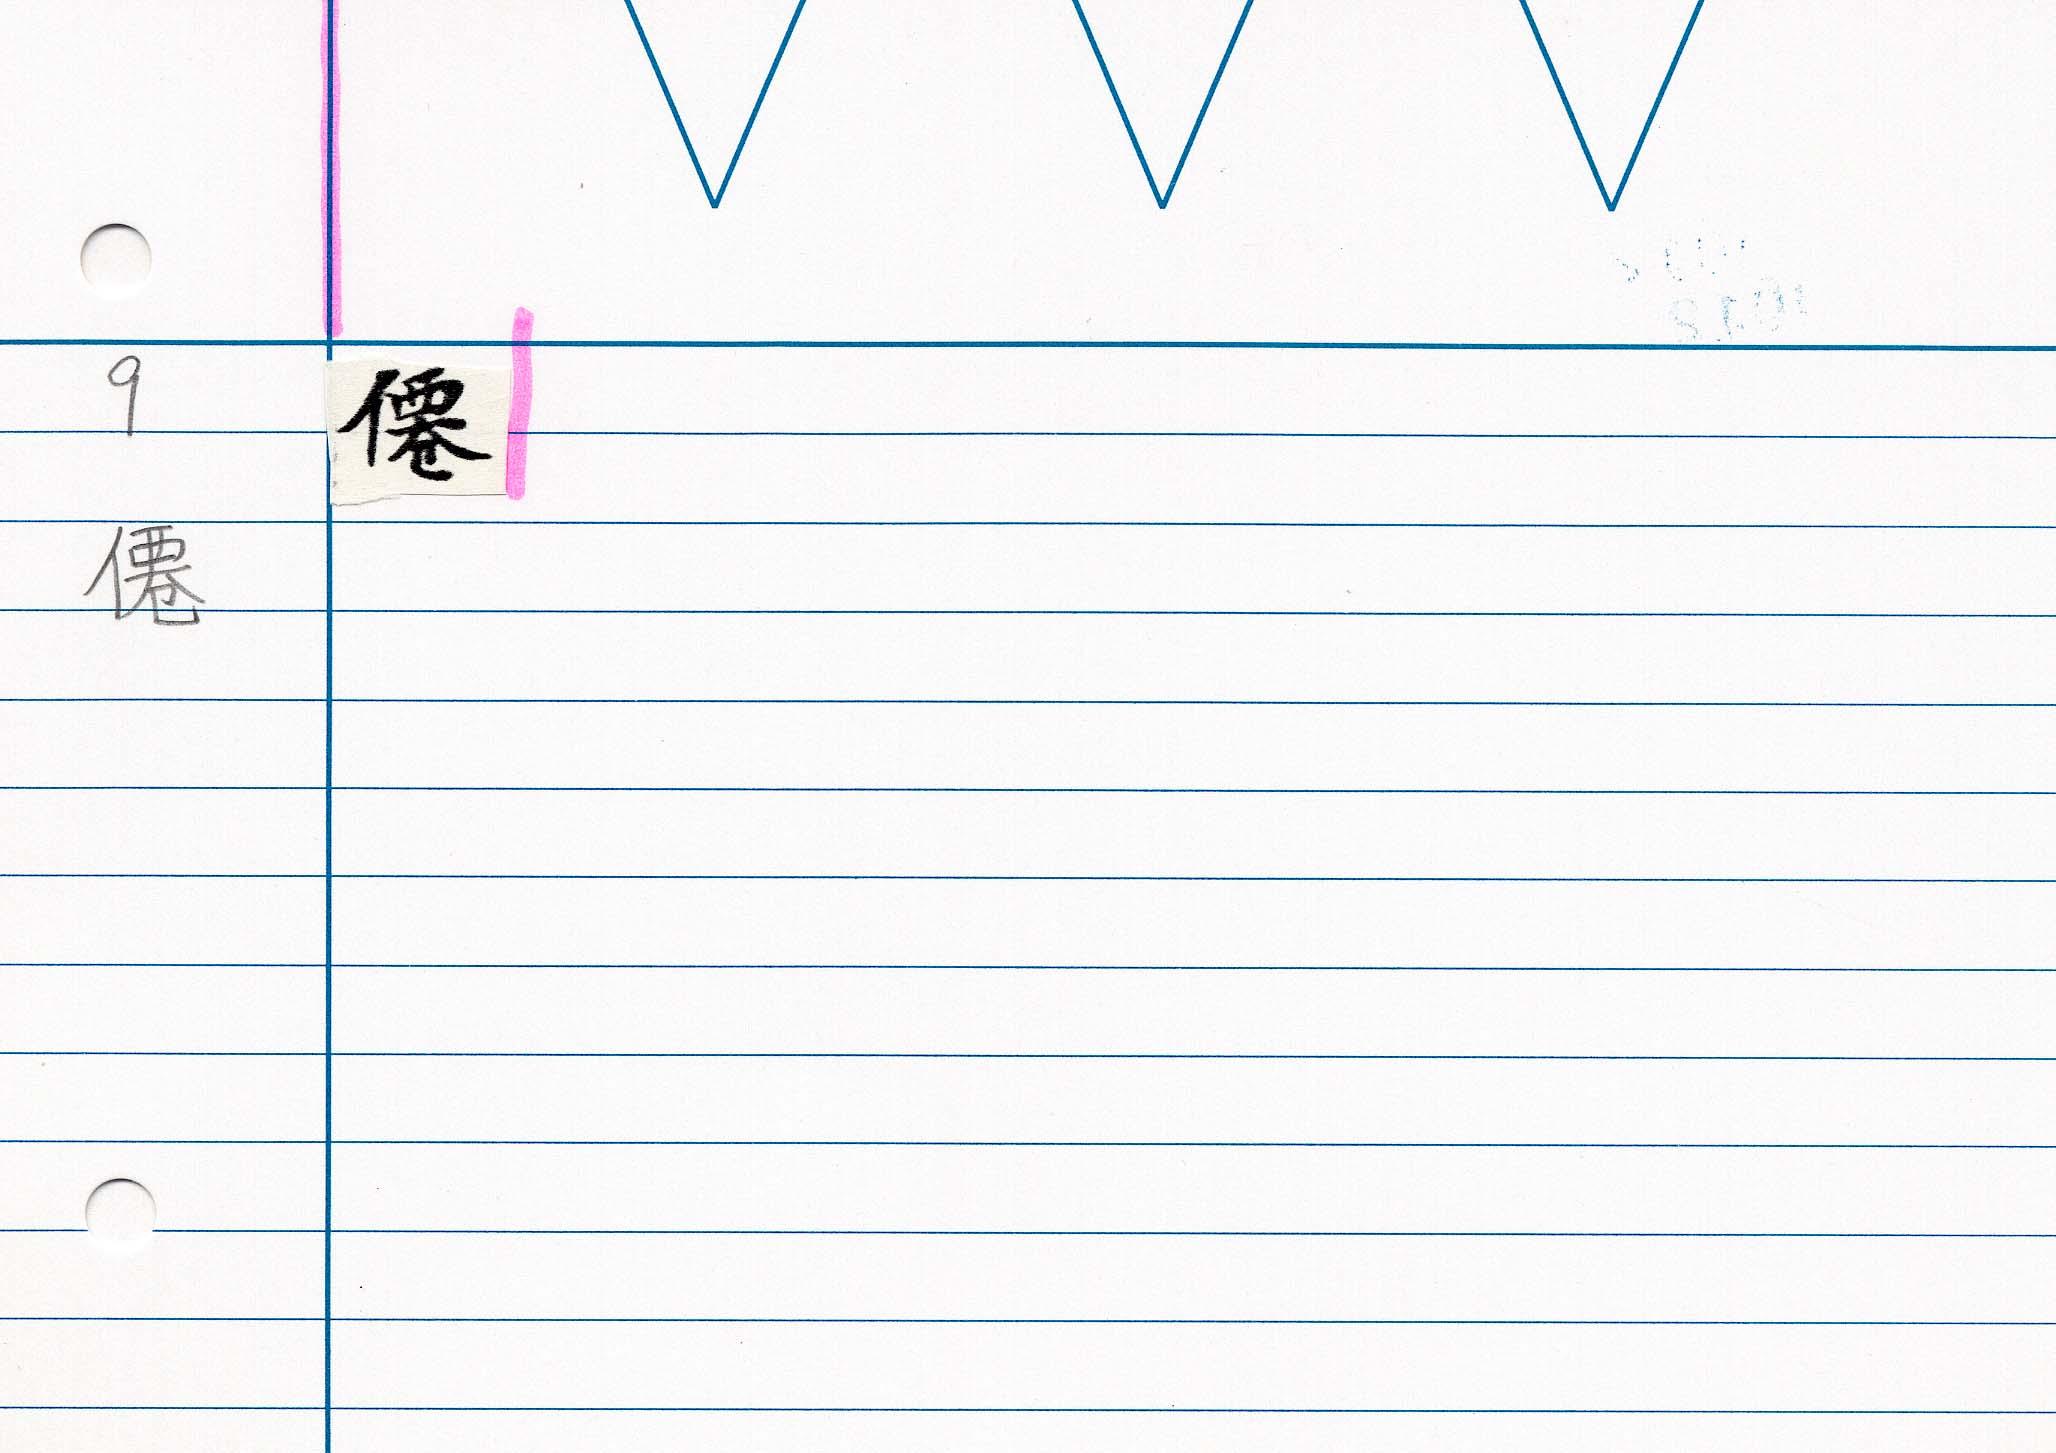 60_佛説大教王經卷一(東禪寺版日本寫本)/cards/0013.jpg